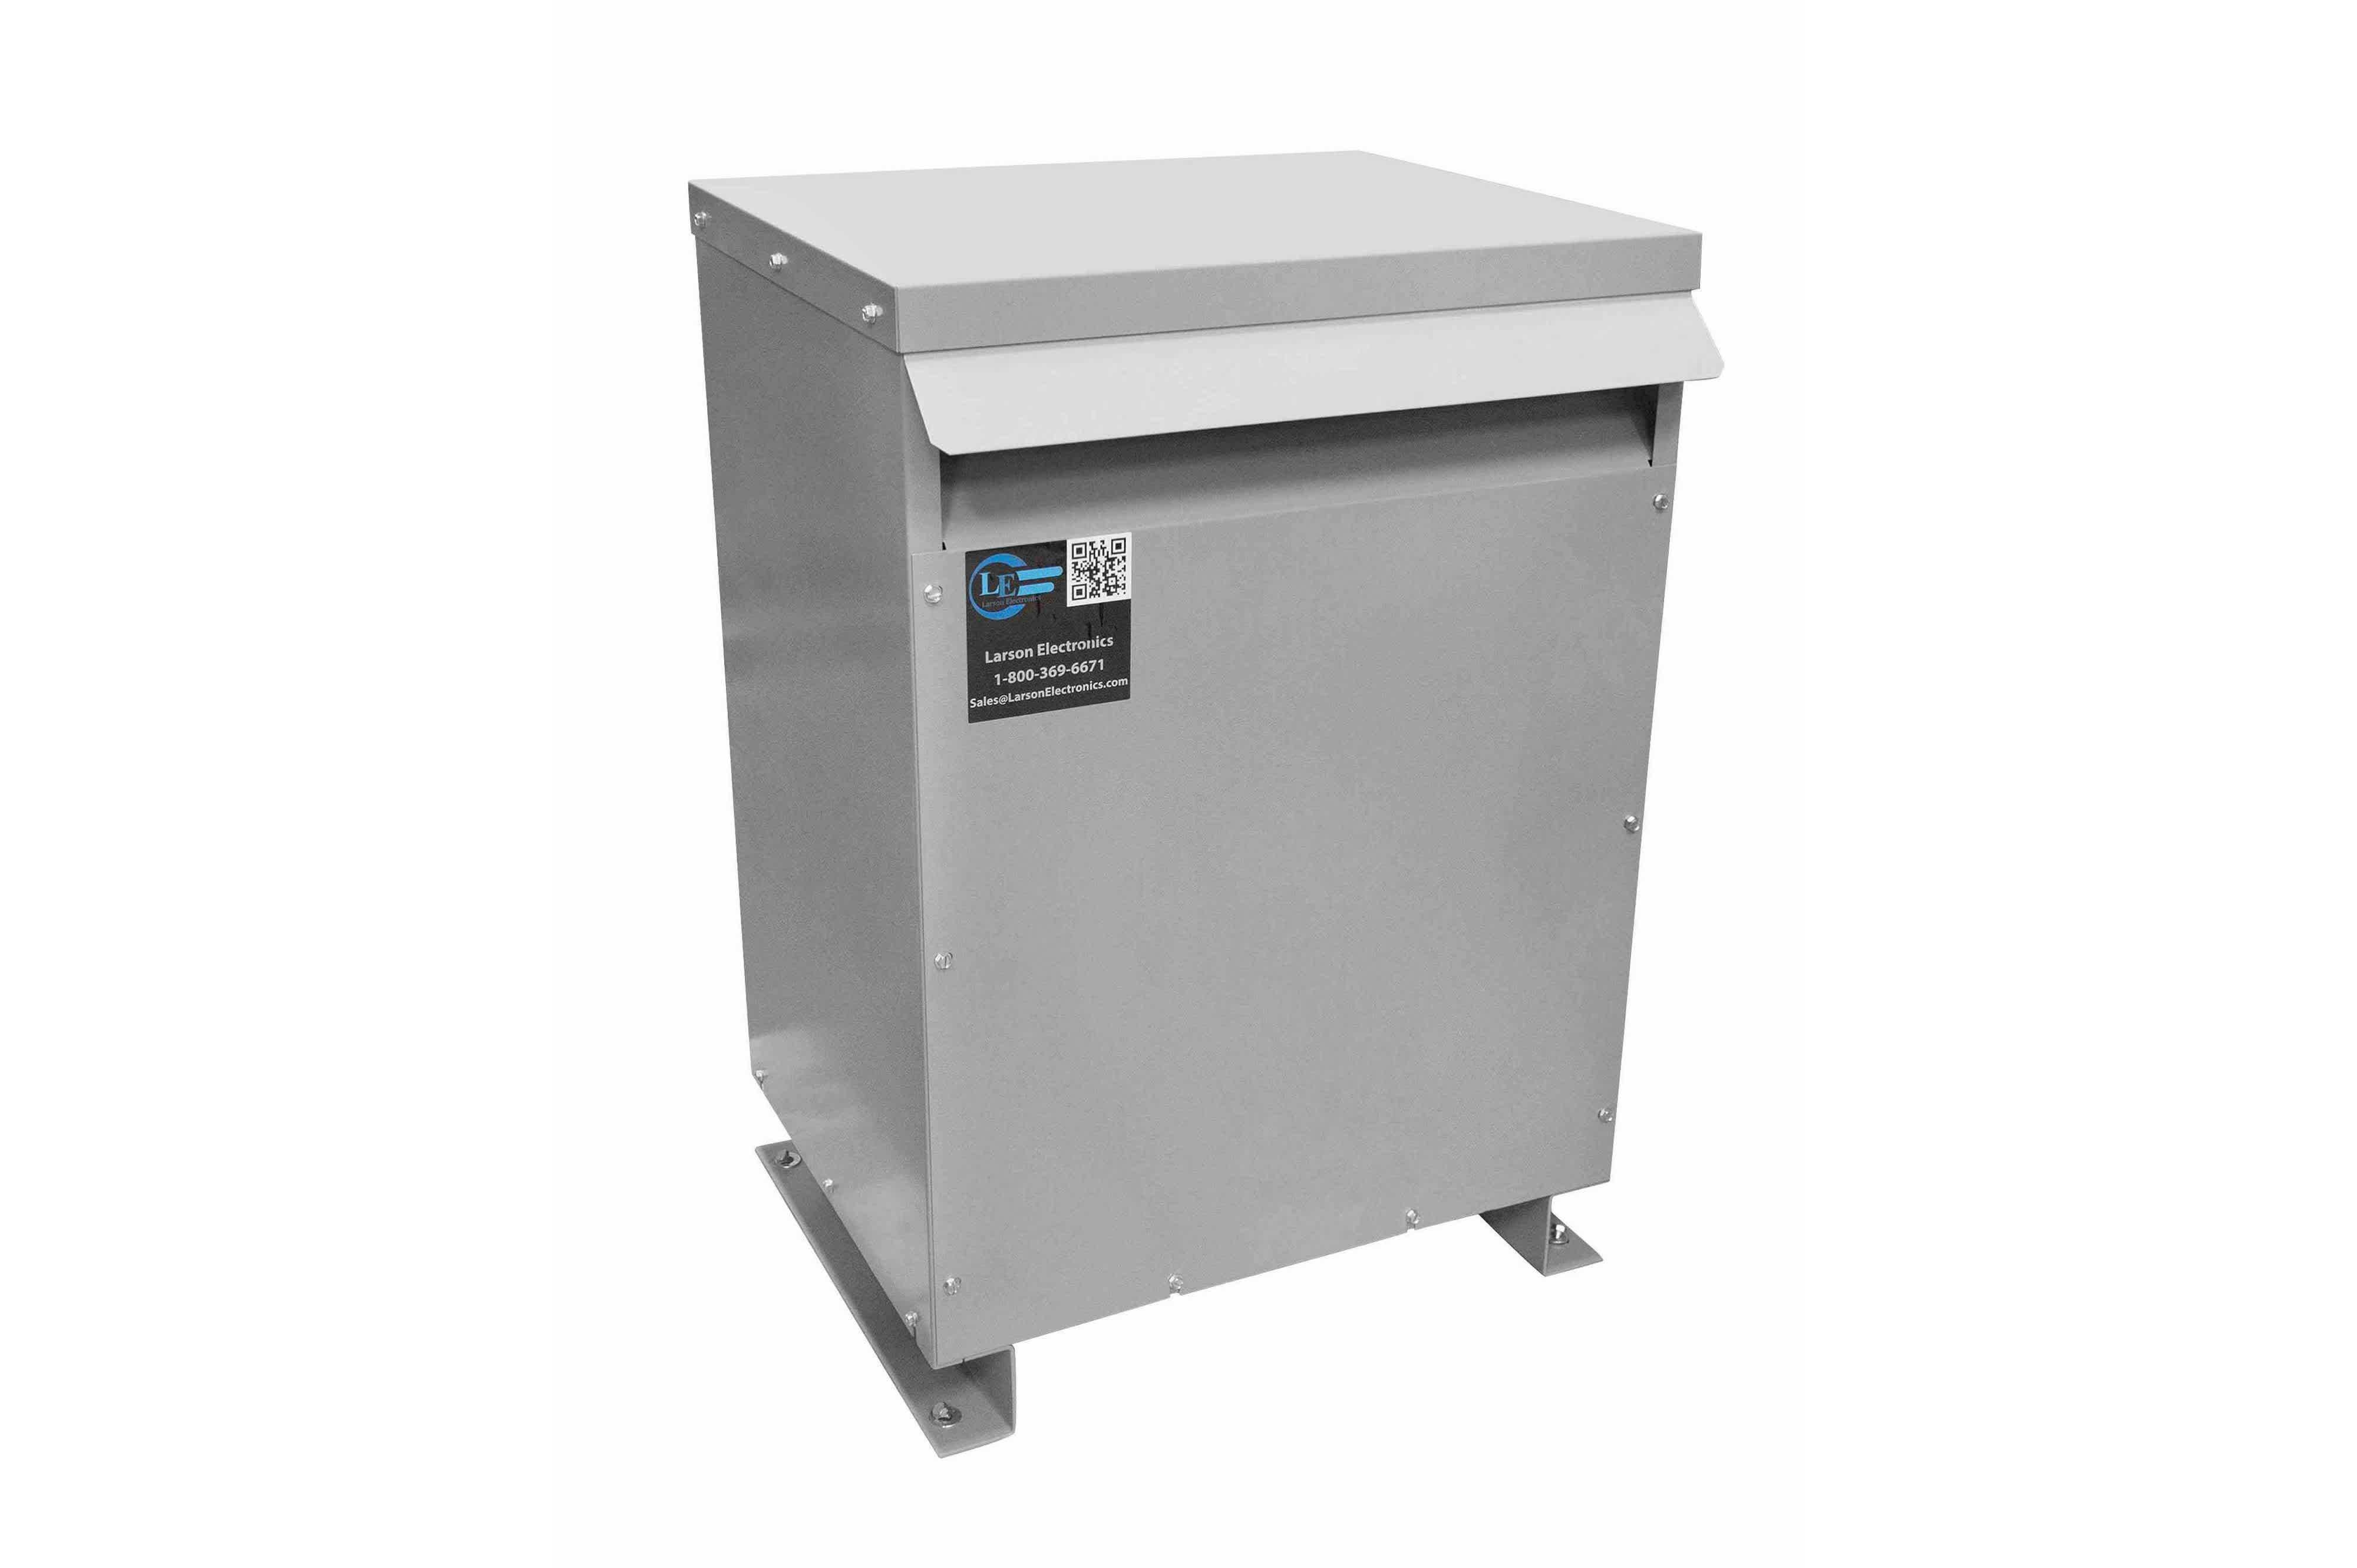 29 kVA 3PH Isolation Transformer, 440V Delta Primary, 208V Delta Secondary, N3R, Ventilated, 60 Hz